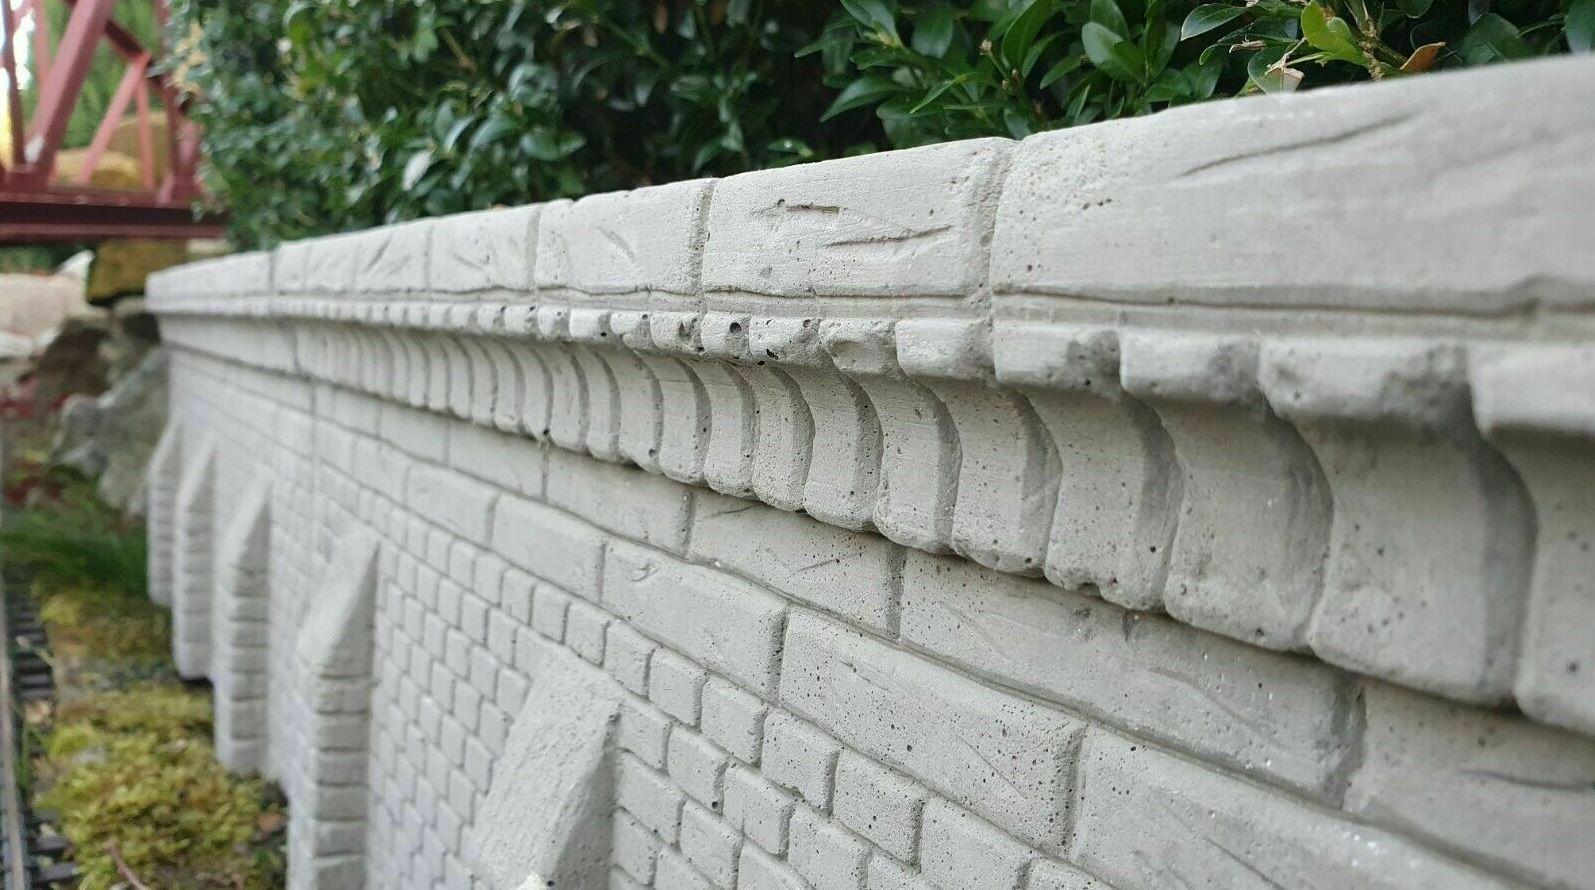 Arkadenmauer mit Stützsäule